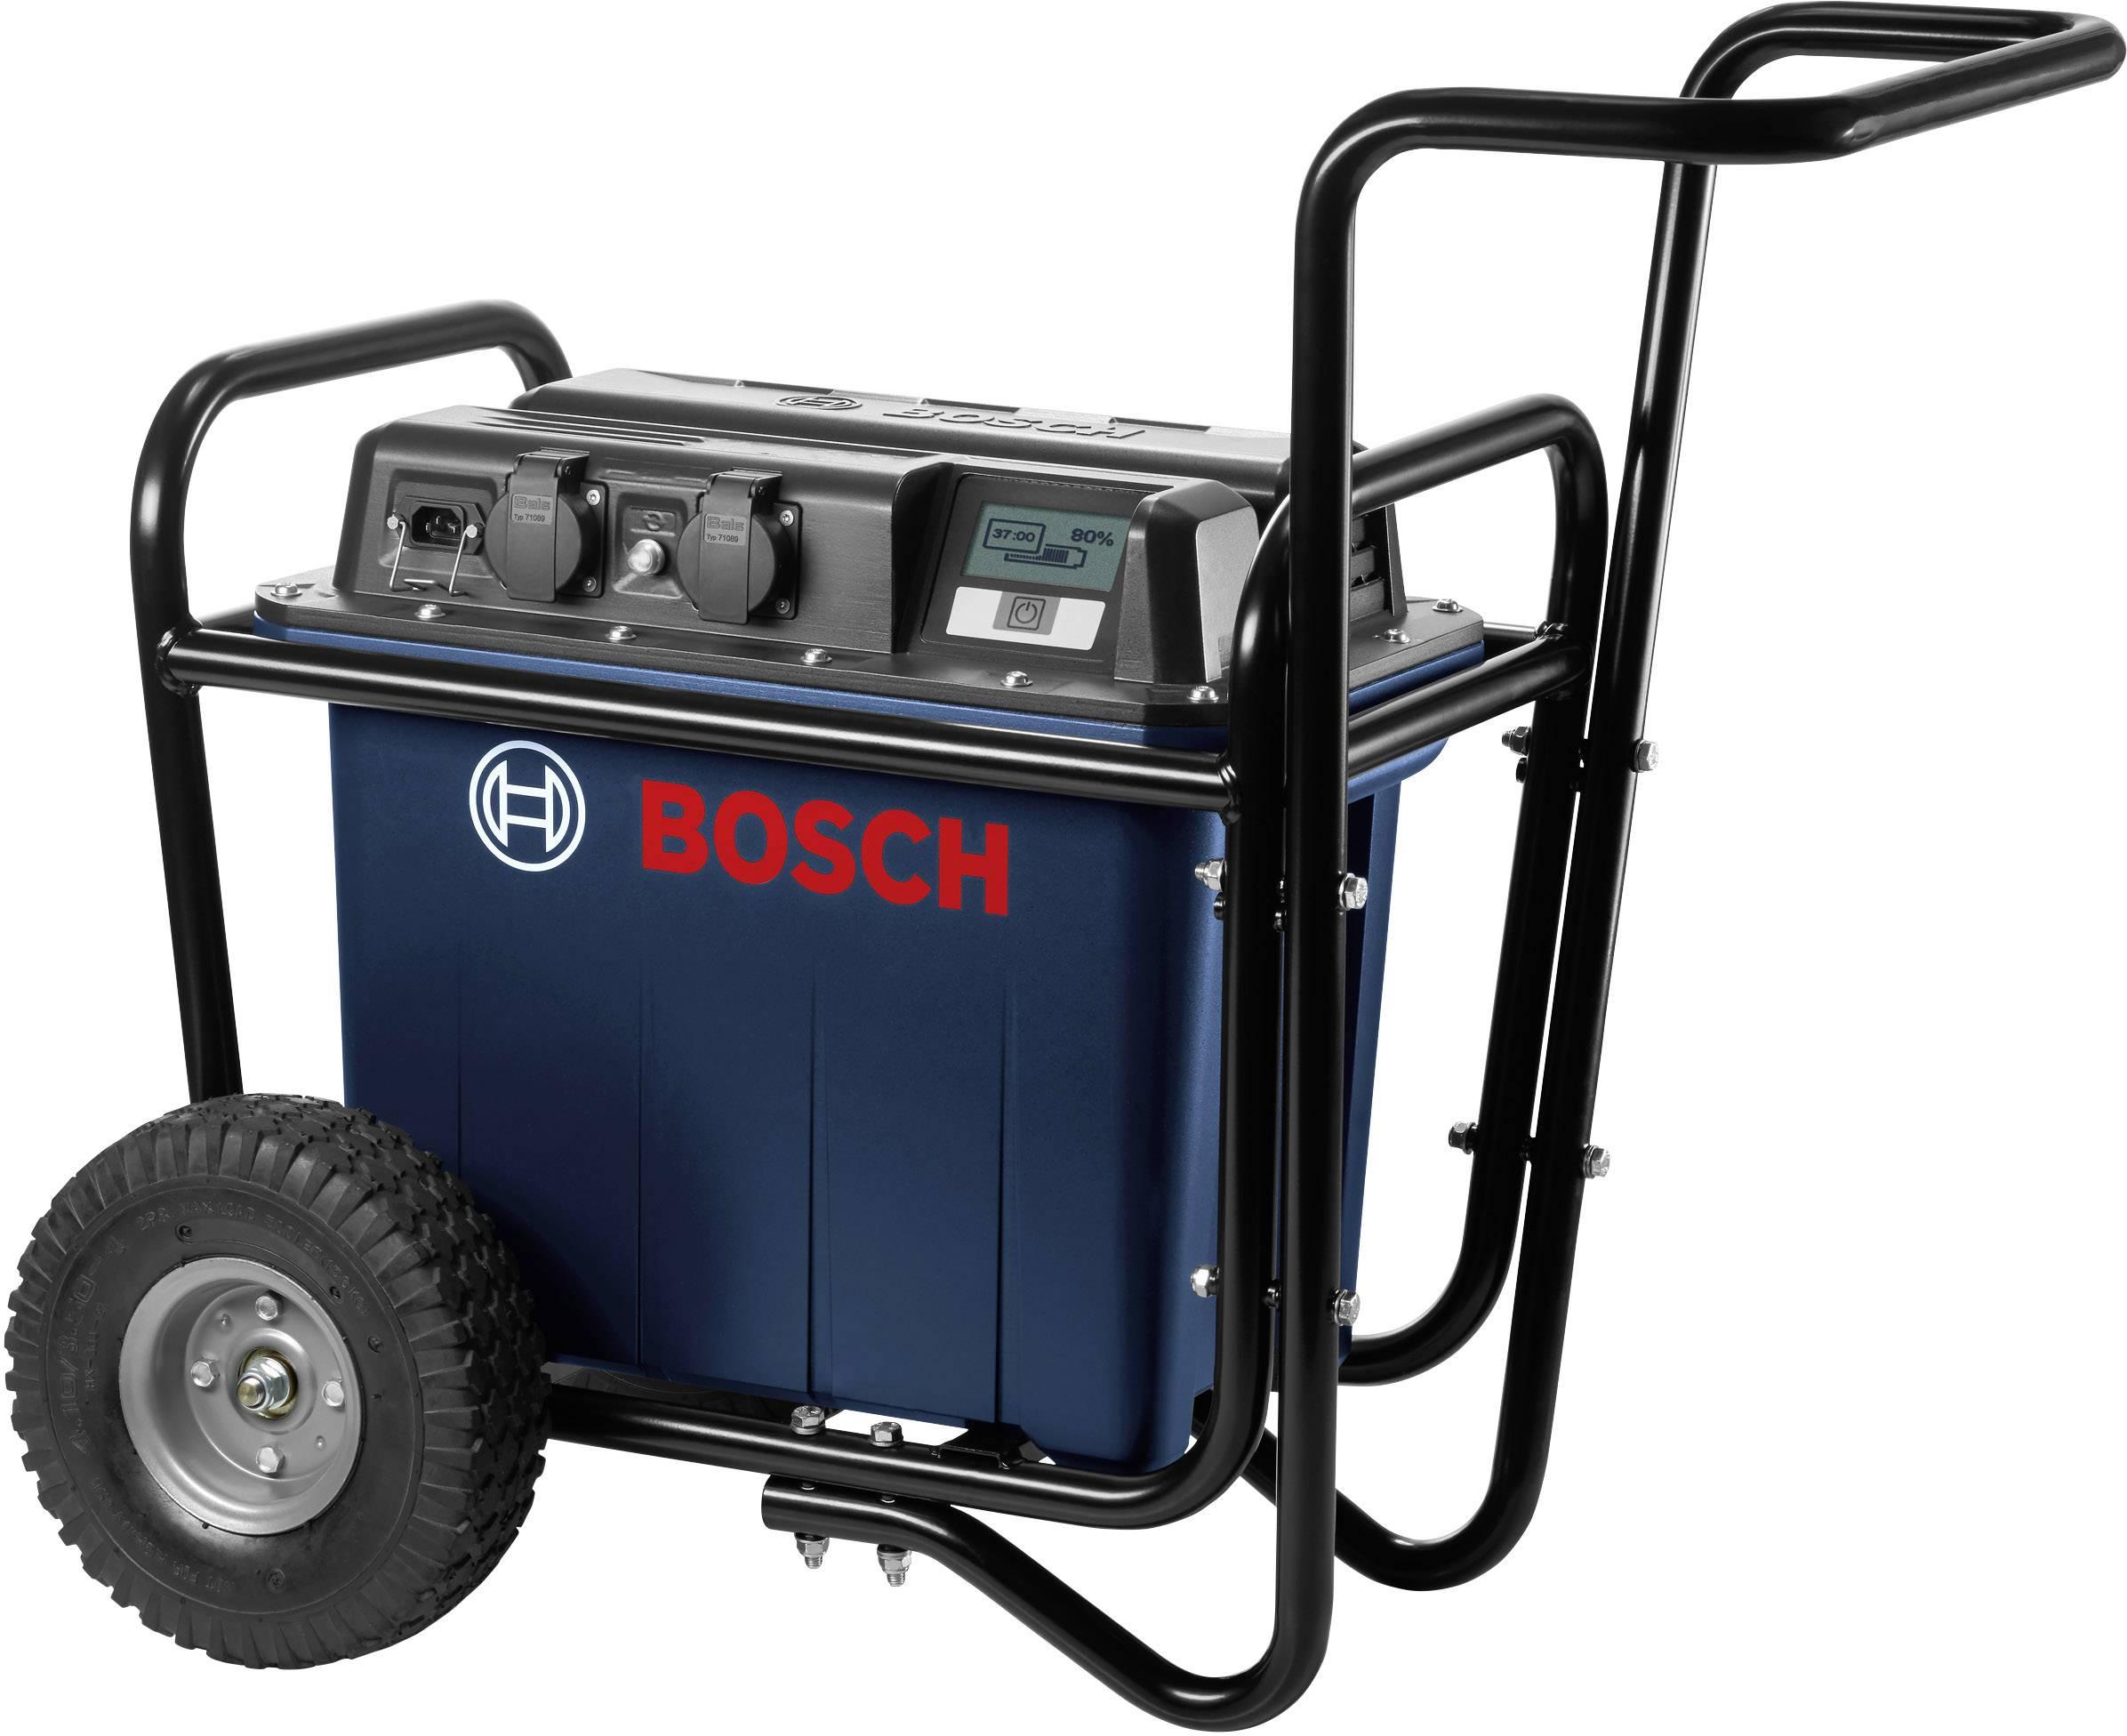 Bosch Professional generátor napětí s kolečky F016800464